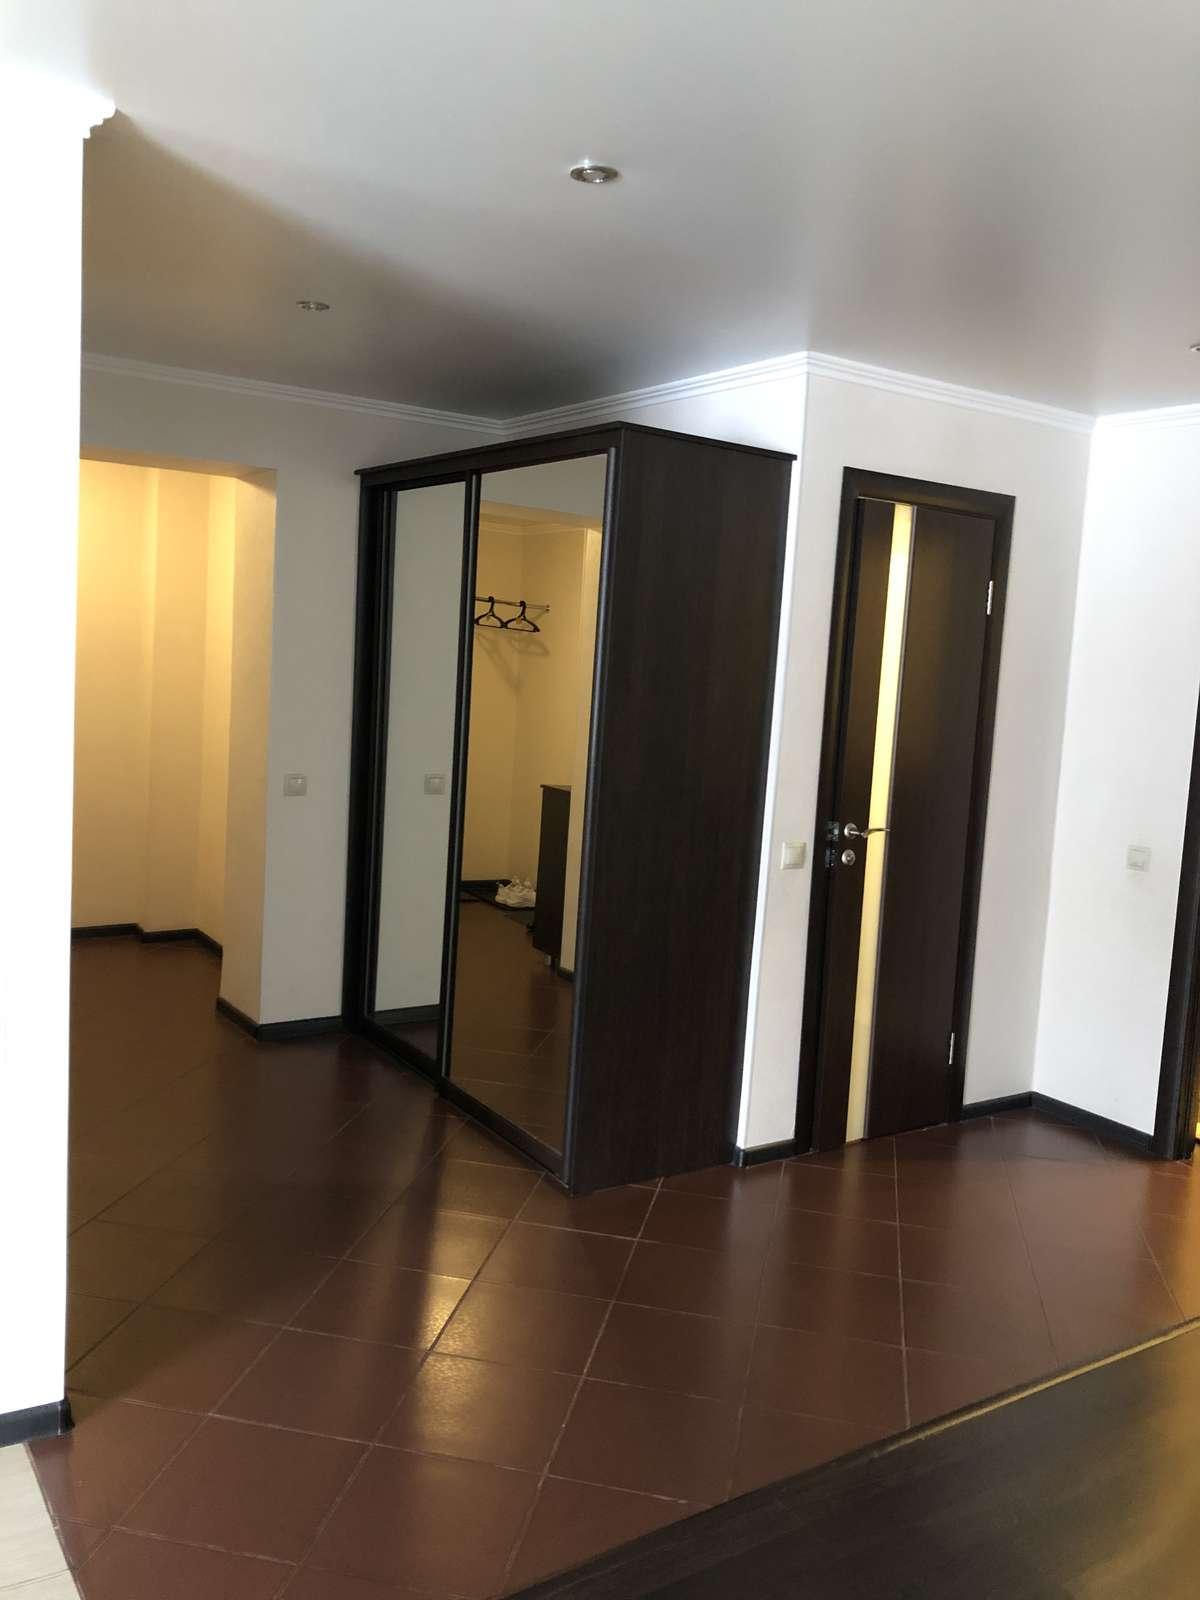 Аренда 3-комнатной квартиры, г. Тольятти, Офицерская улица  дом 17